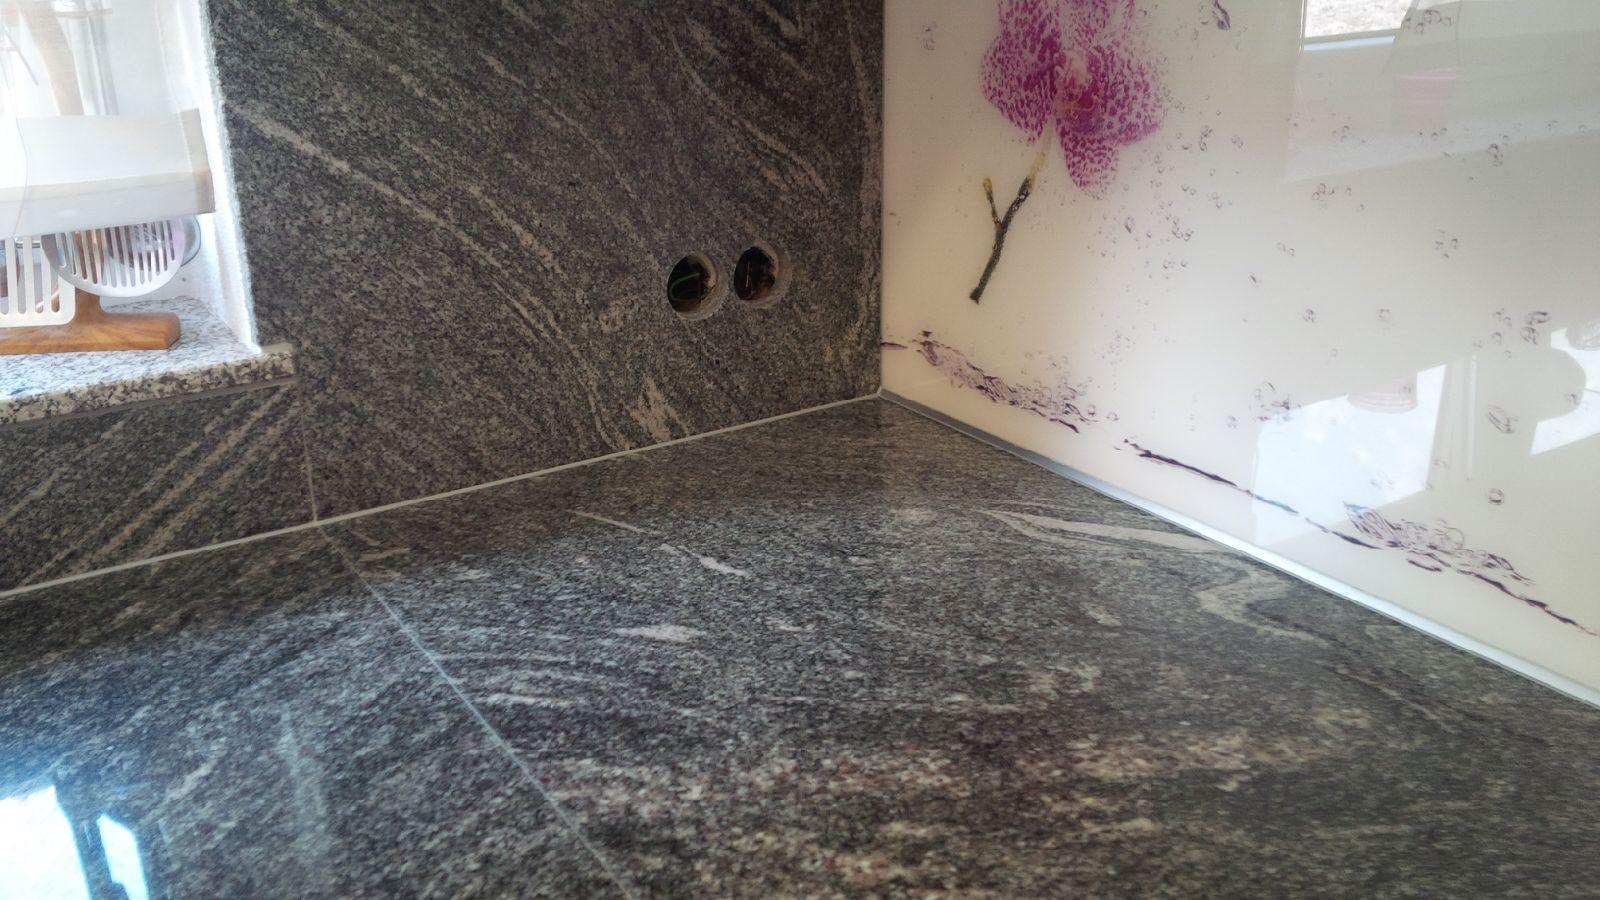 Berühmt Küchenarbeitsplatte Fotogalerie Fotos - Küche Set Ideen ...